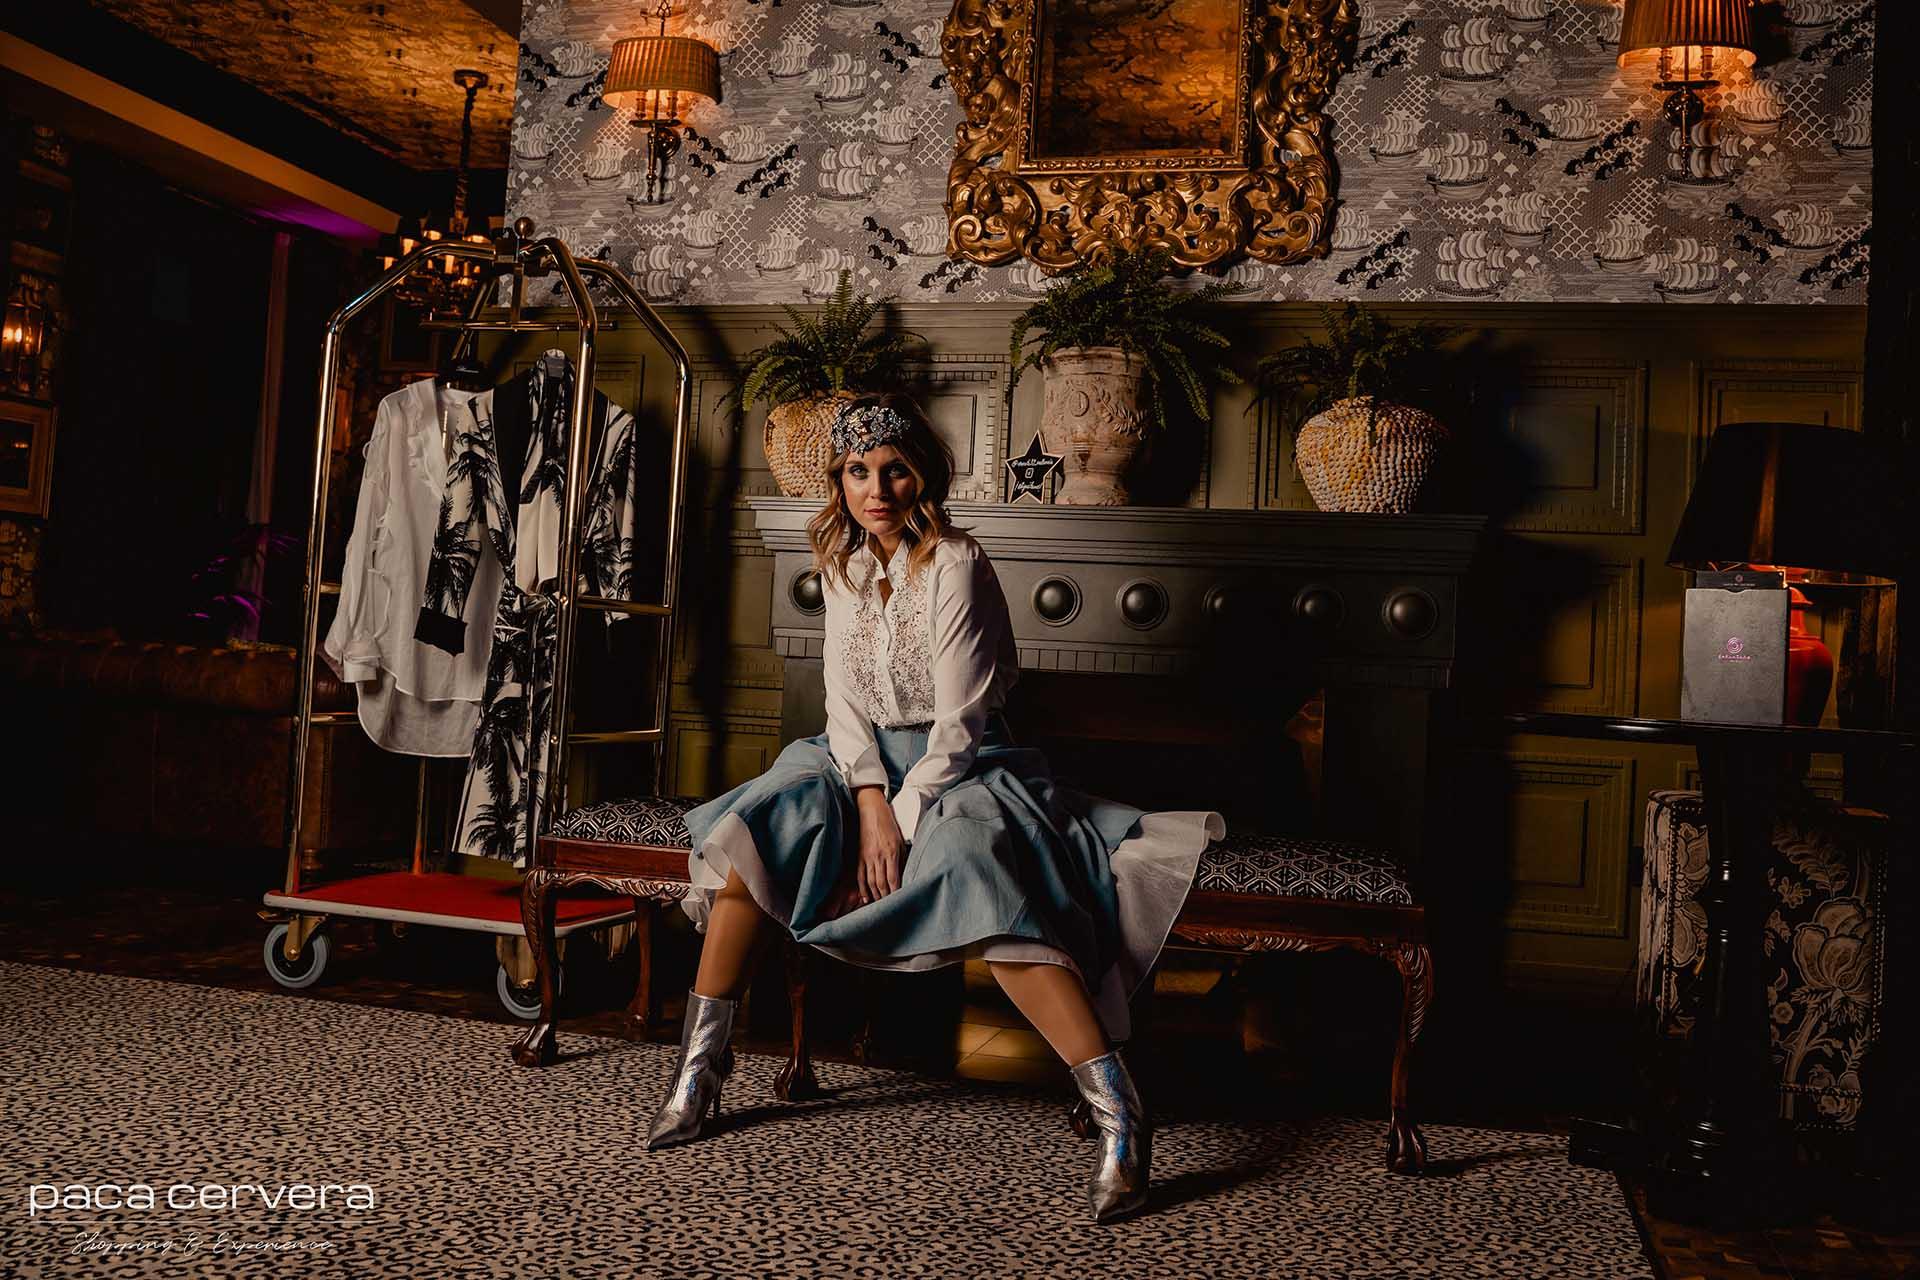 Paca Cervera, Boutique en Valencia y Altea de ropa para mujer